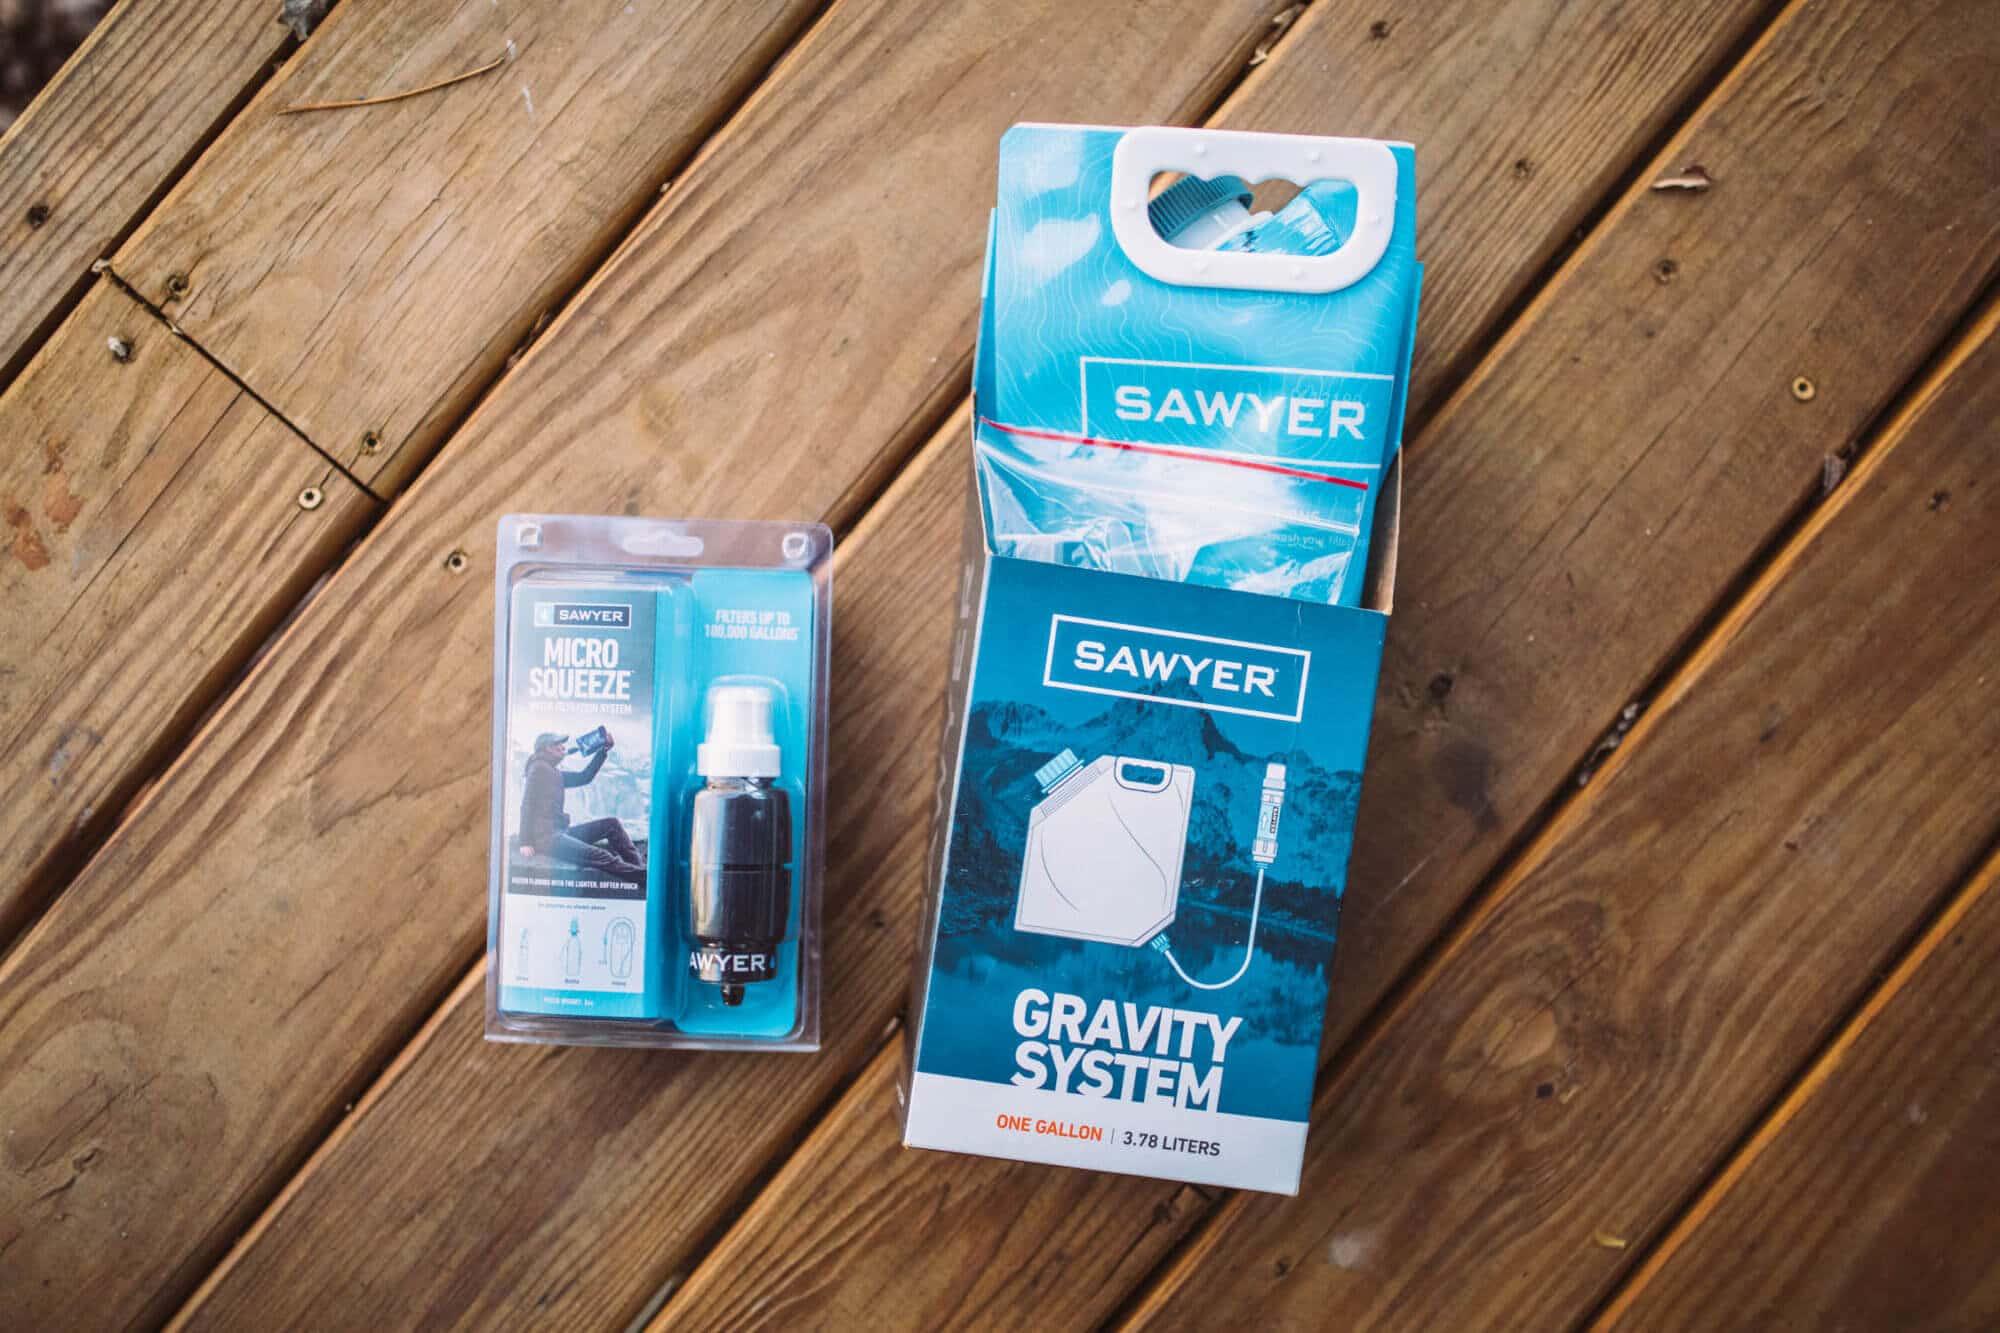 collective-reward-sawyer_1-2000x1333